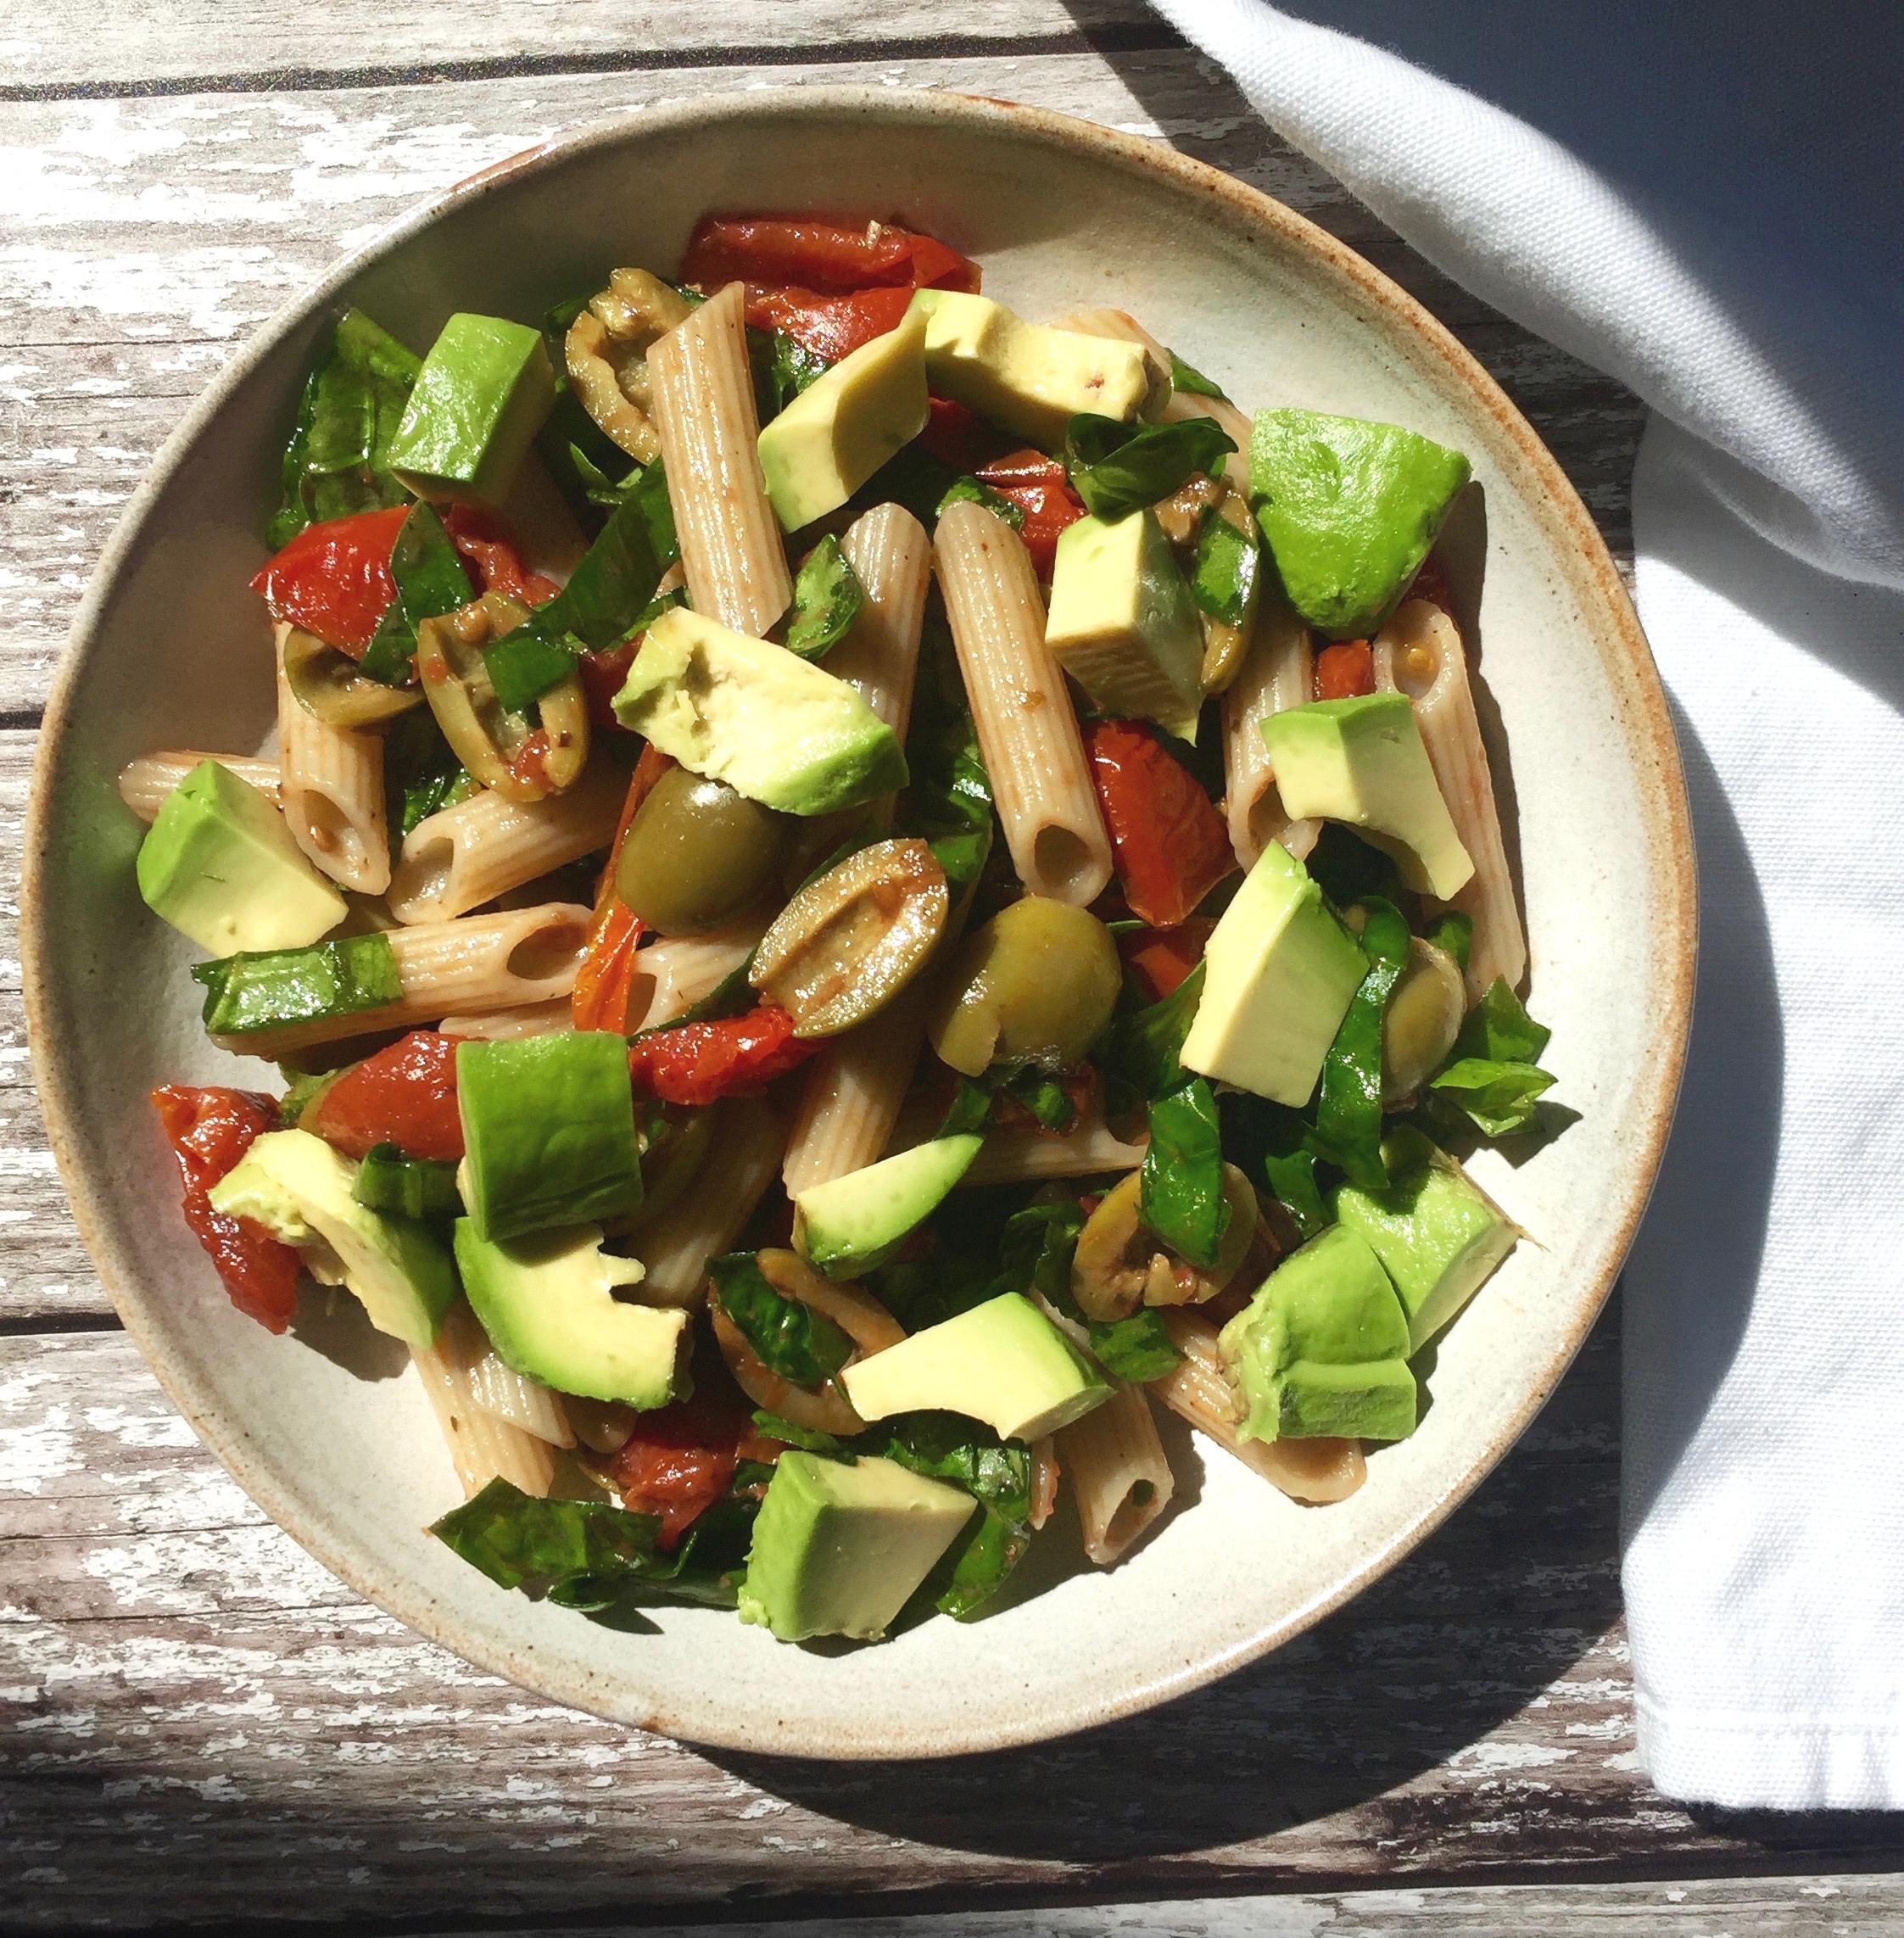 Mediterranean+Pasta+Salad+Nourish+by+Rebecca.jpg